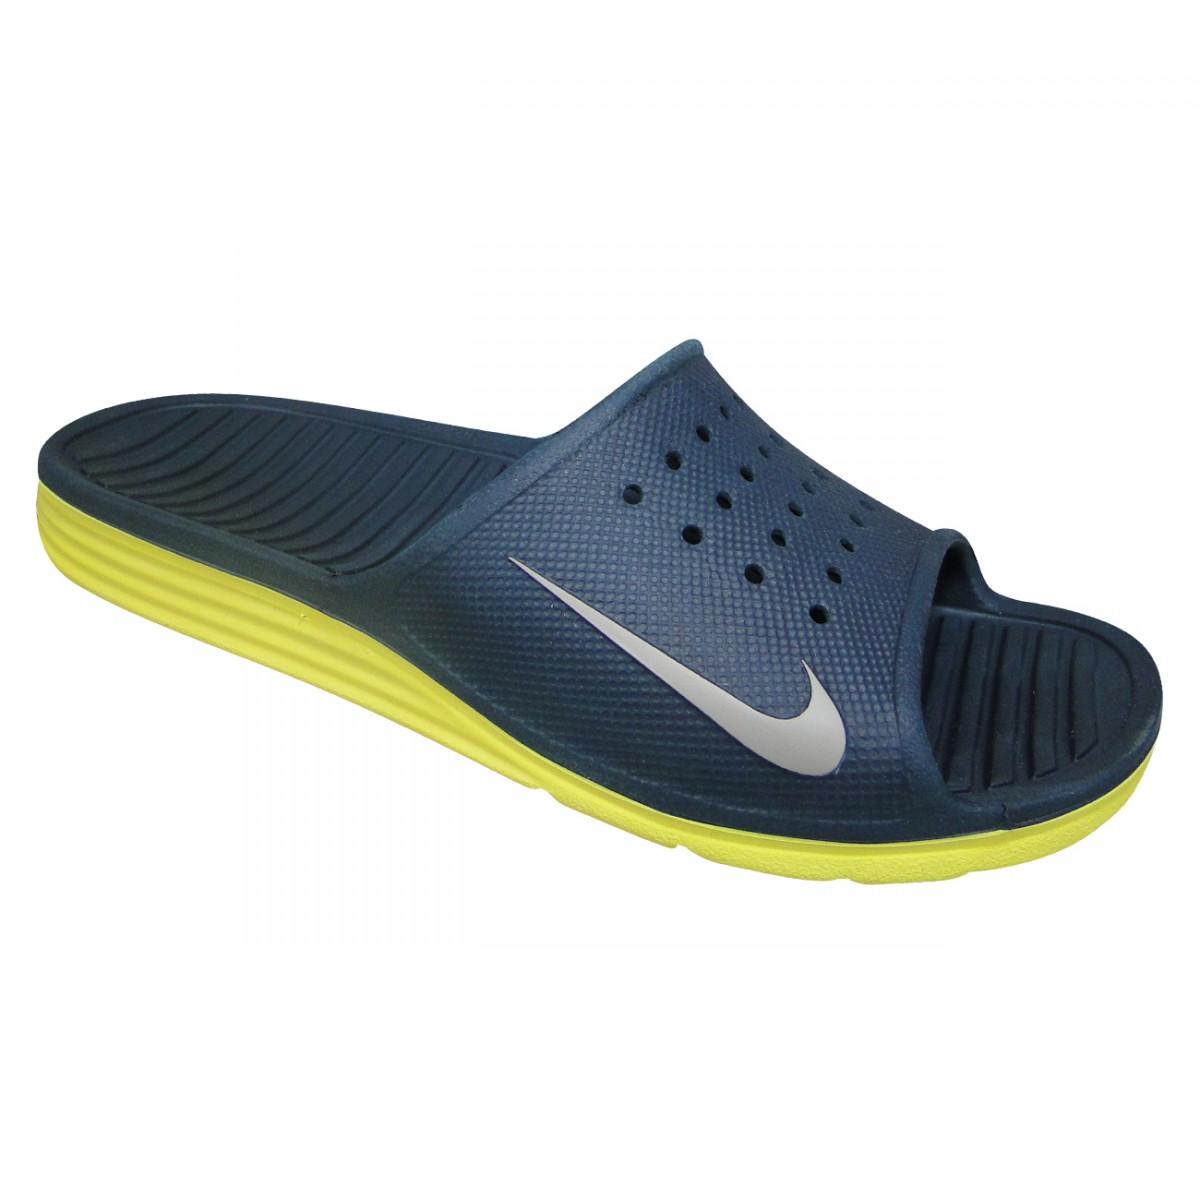 13e0a0eafe530e Chinelo Nike Solarsoft Slide